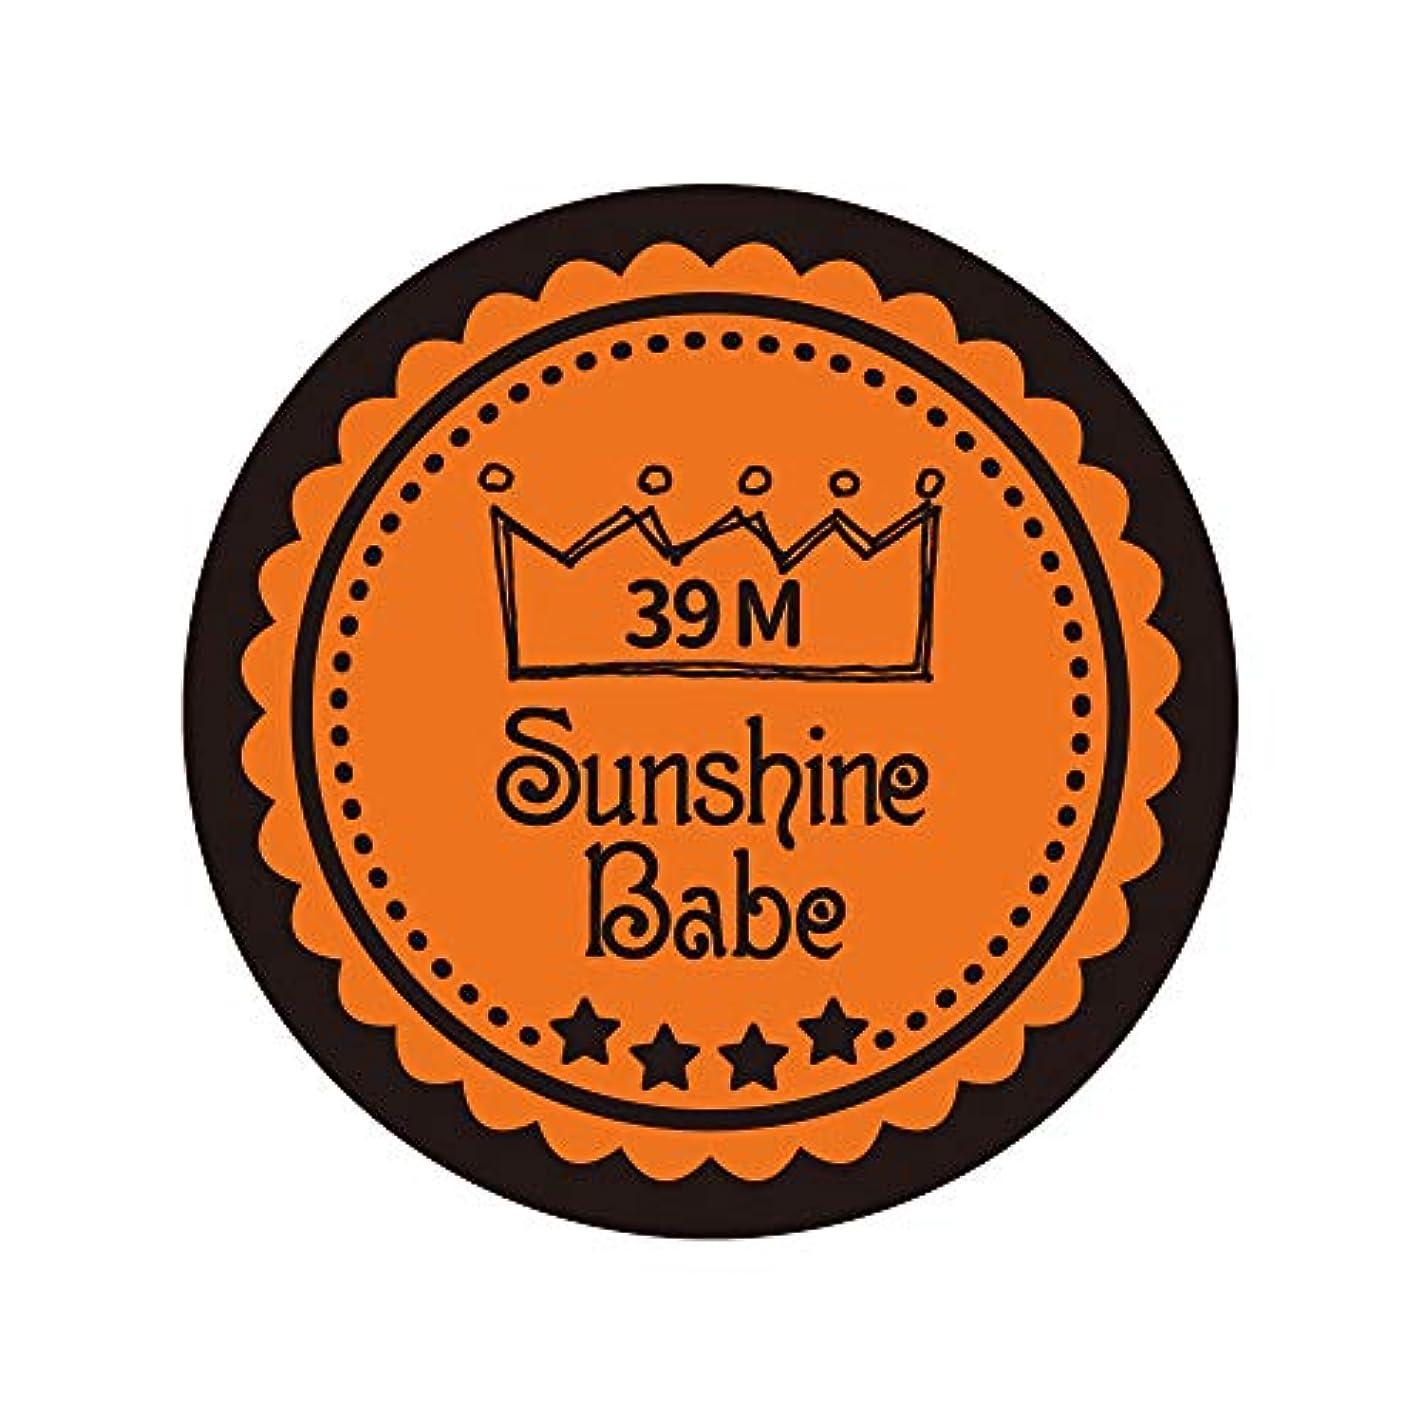 カッター絶望行くSunshine Babe カラージェル 39M ラセットオレンジ 2.7g UV/LED対応